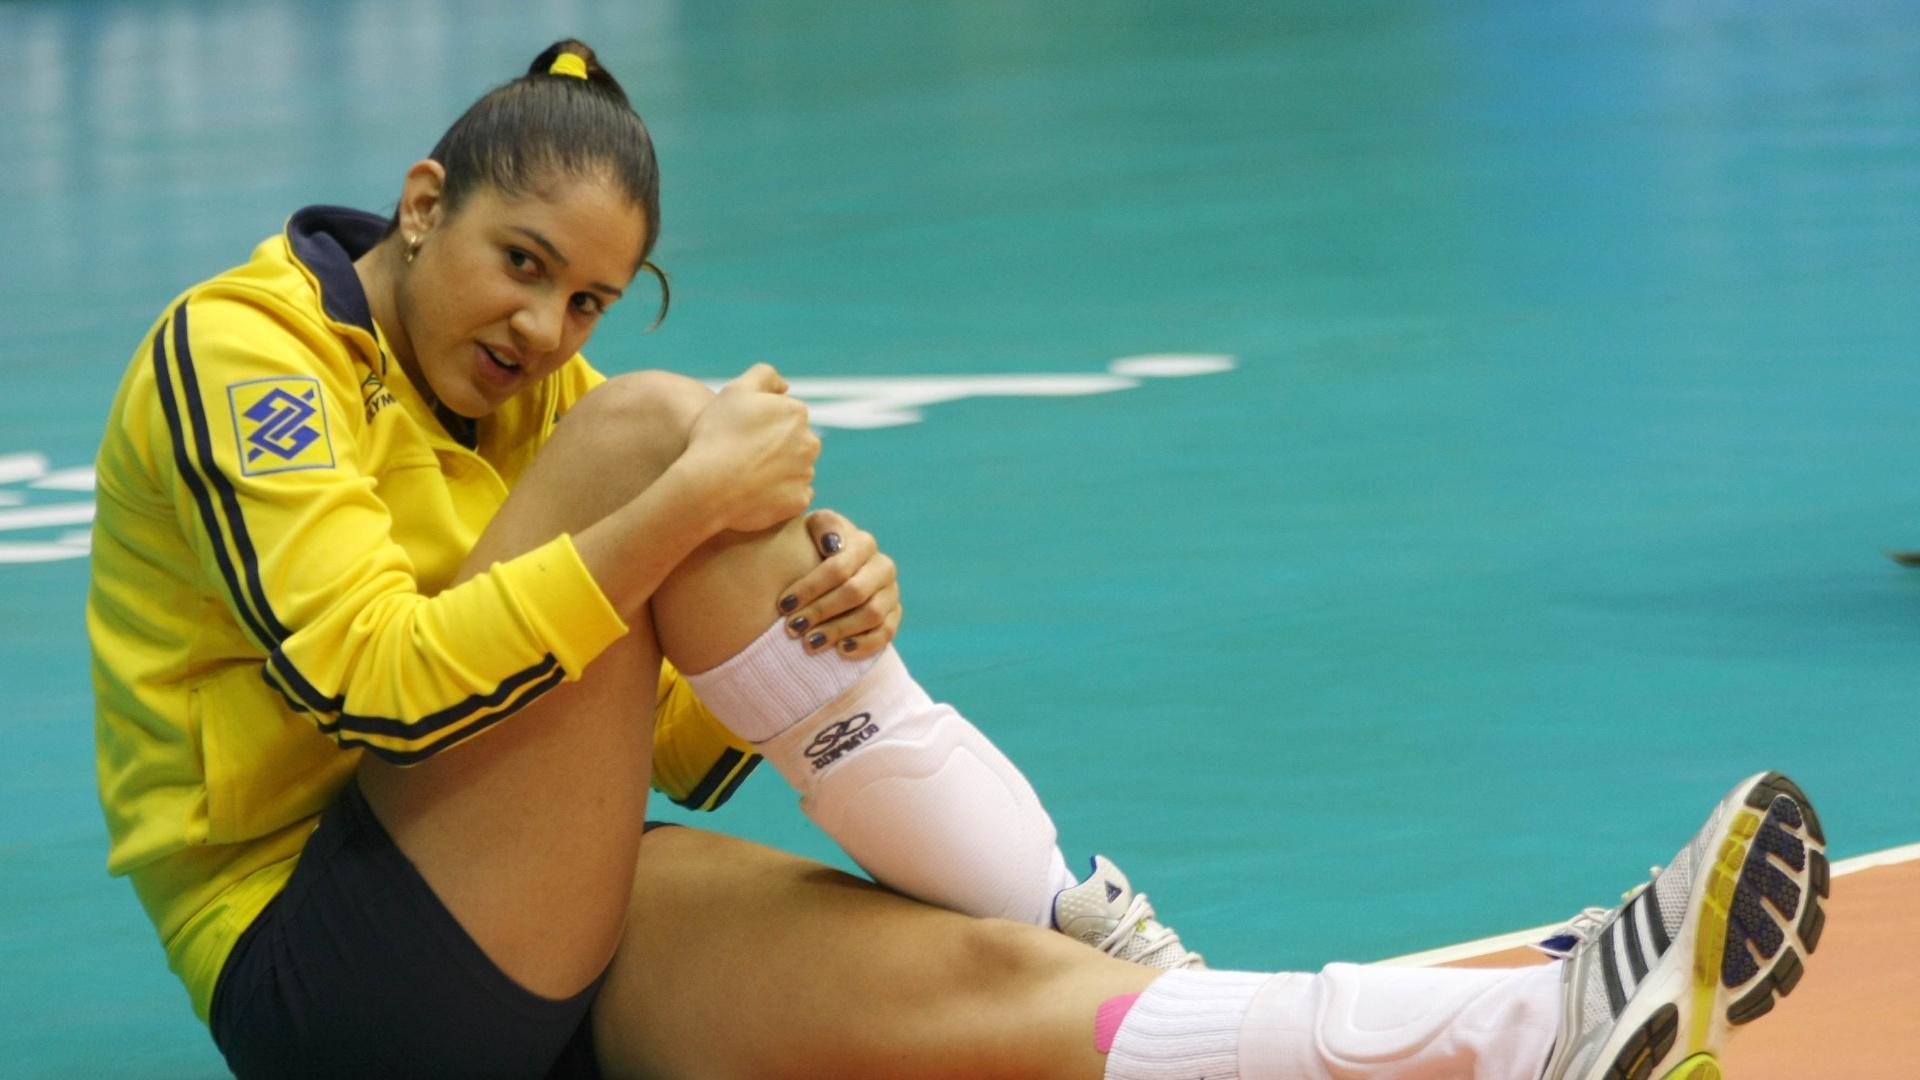 Natália faz trabalho de aquecimento antes do jogo do Brasil contra a Itália